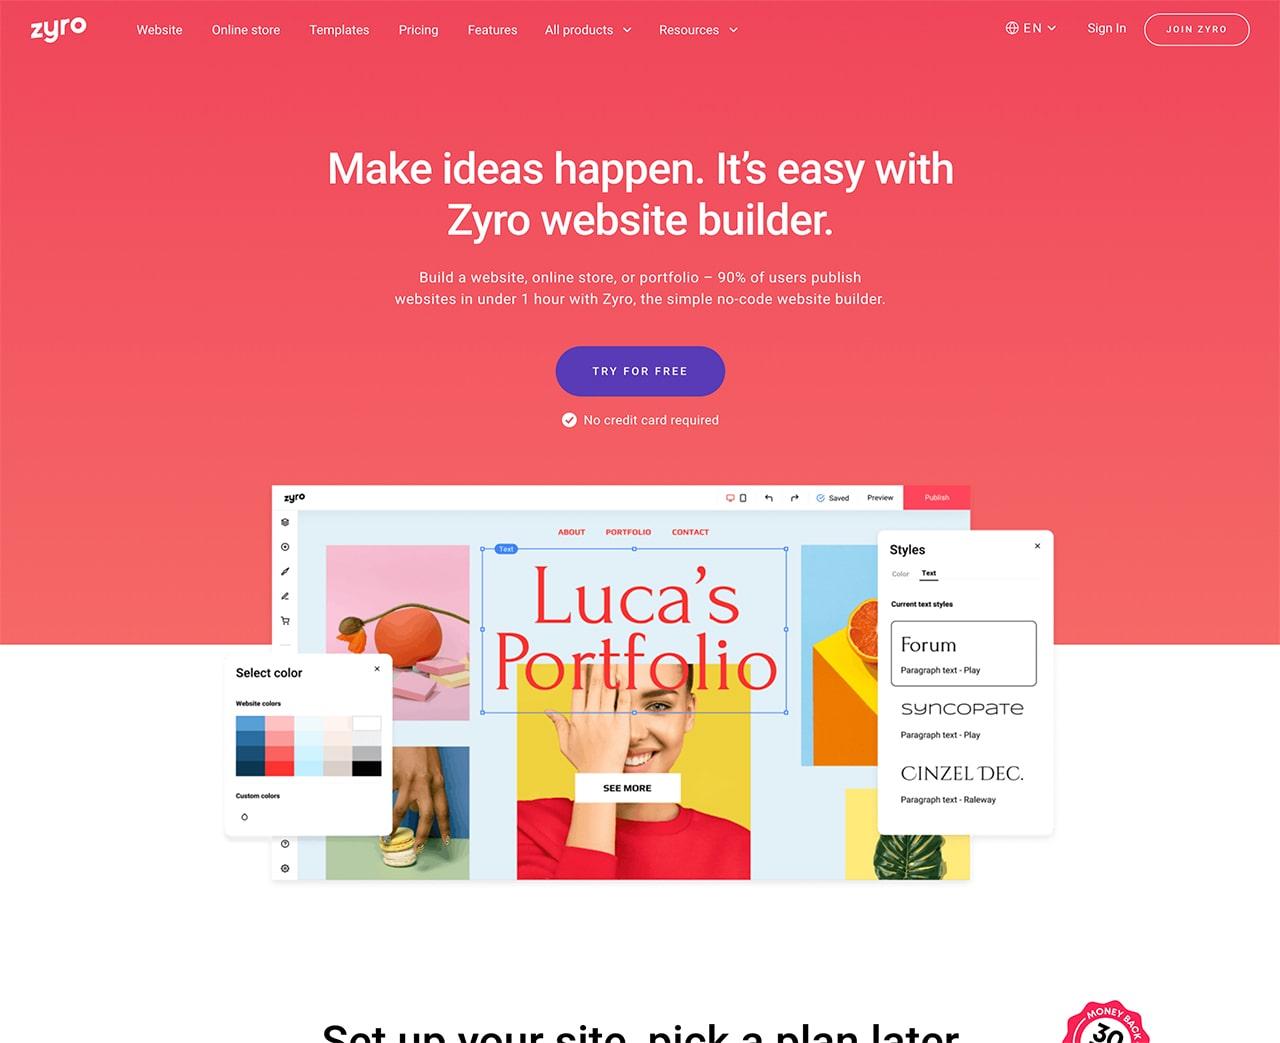 zyro website creator free